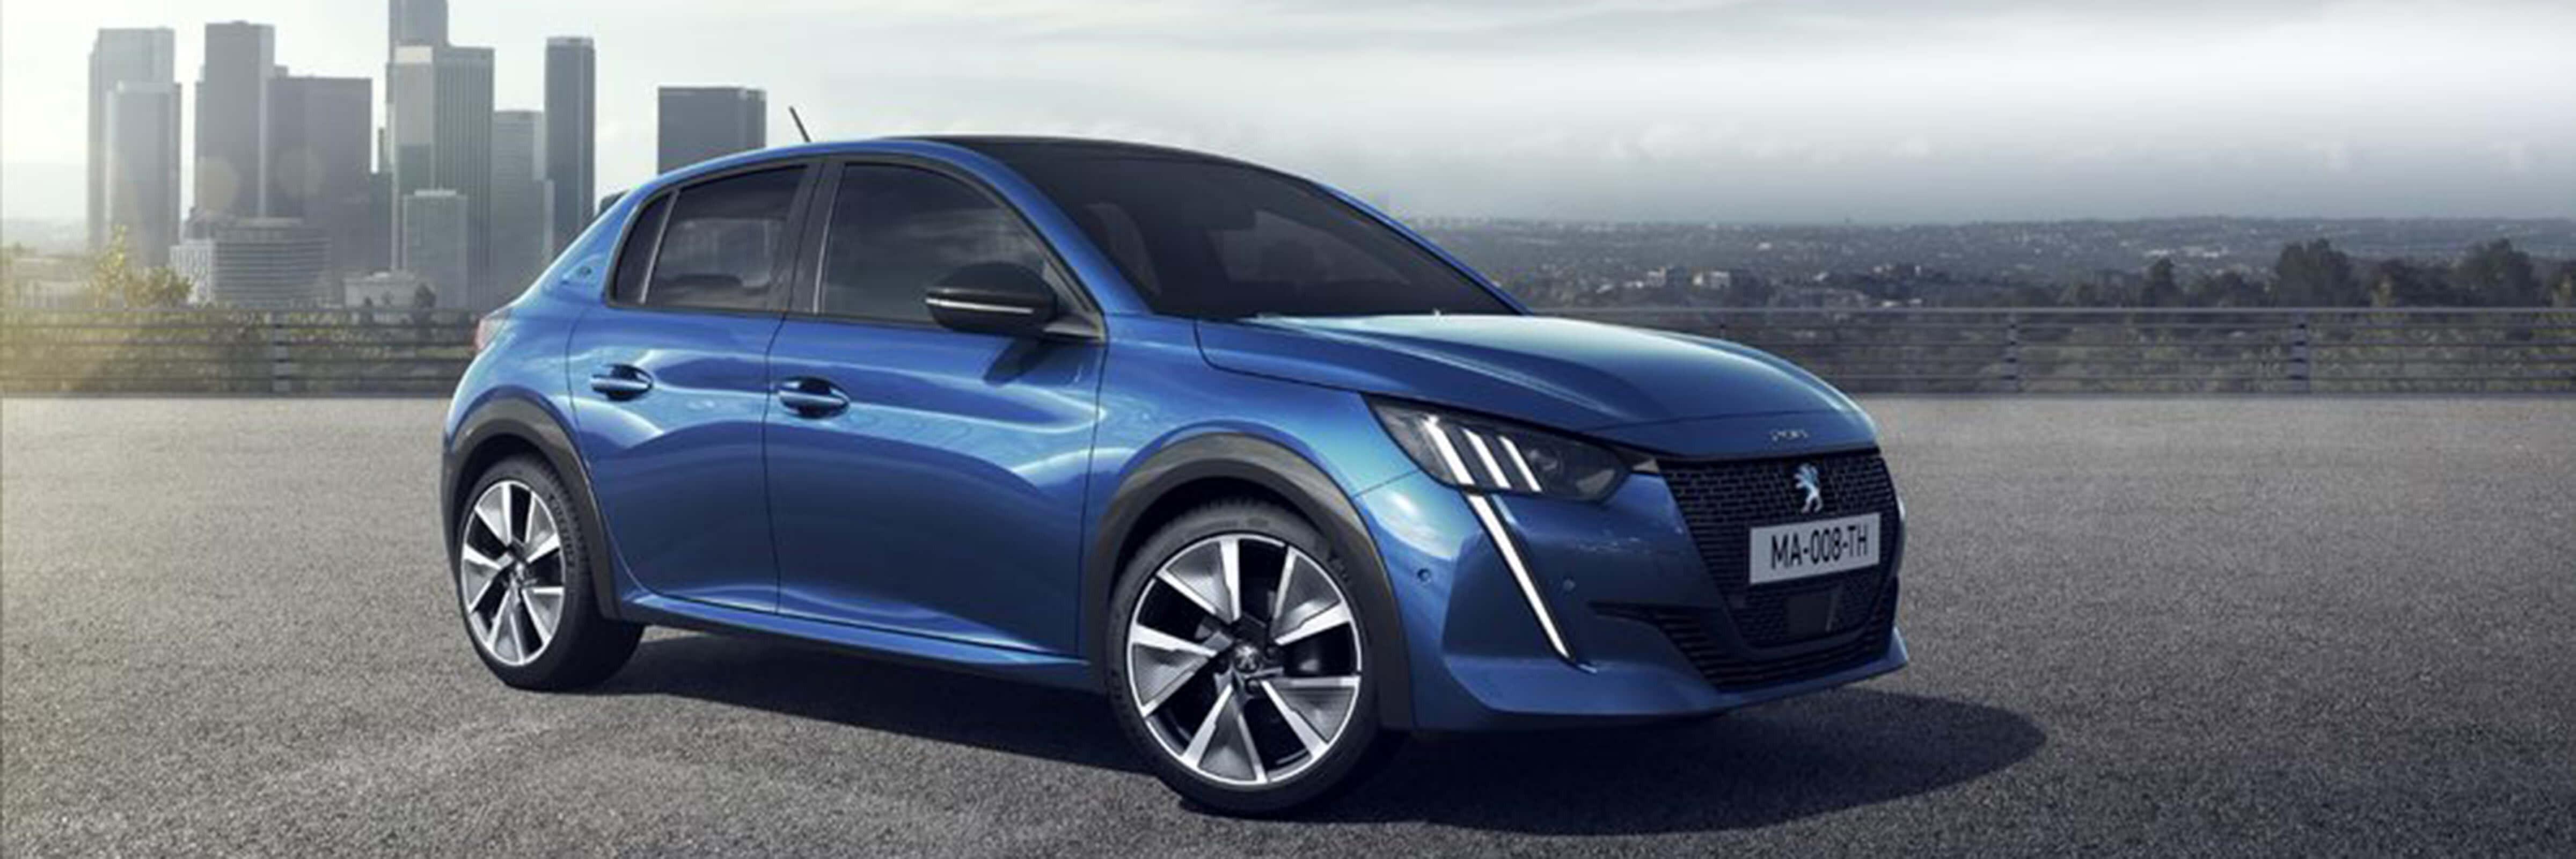 Nuevo Peugeot e-208: descubriendo el mundo eléctrico